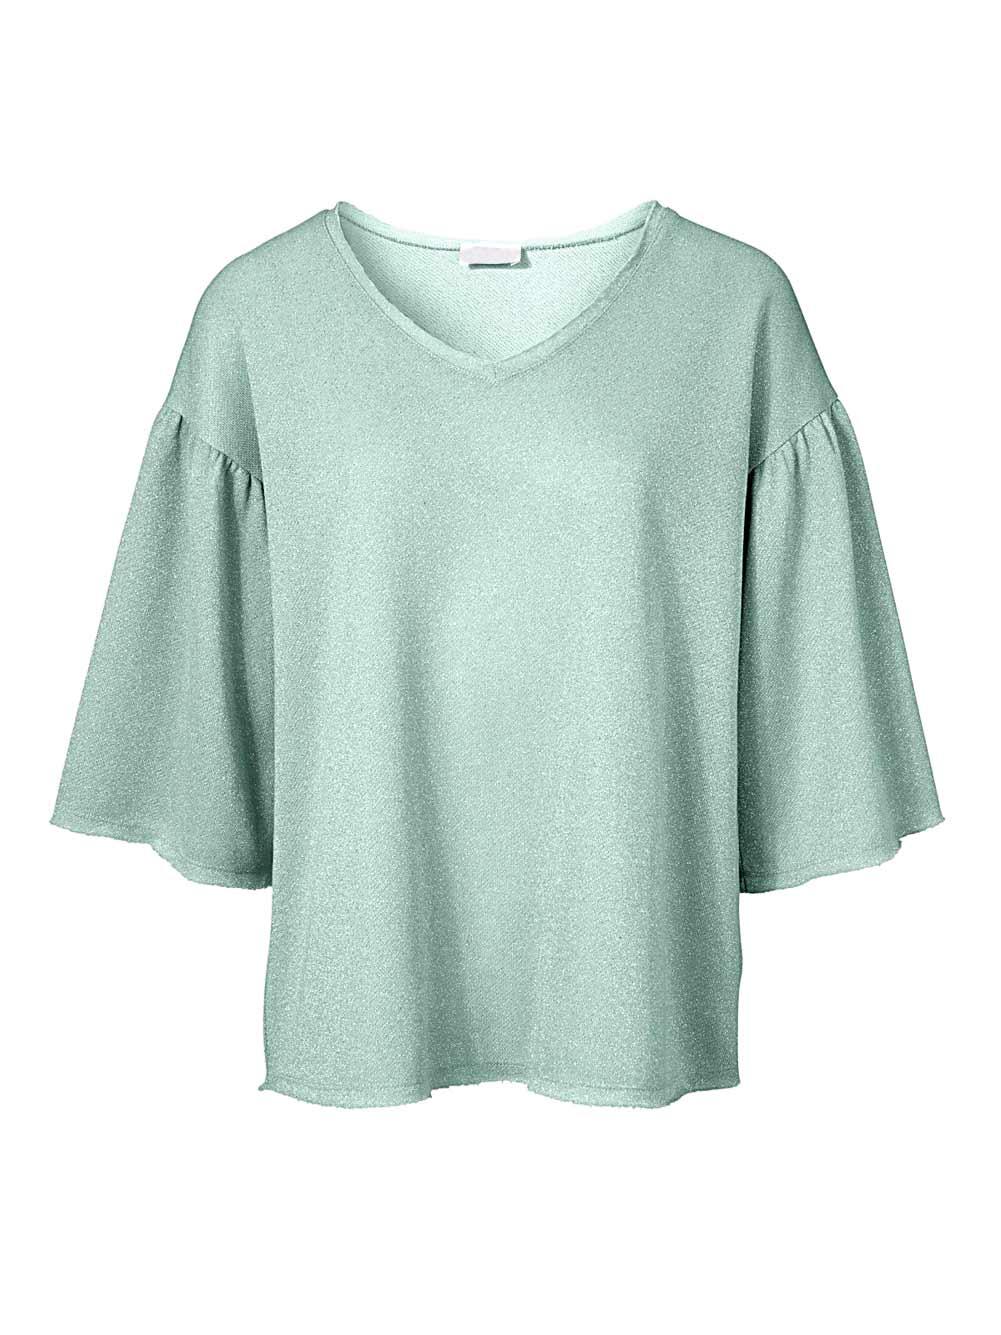 sweatshirts auf rechnung HEINE Damen Designer-Sweatshirt Salbei-Melange 378.391 MISSFORTY